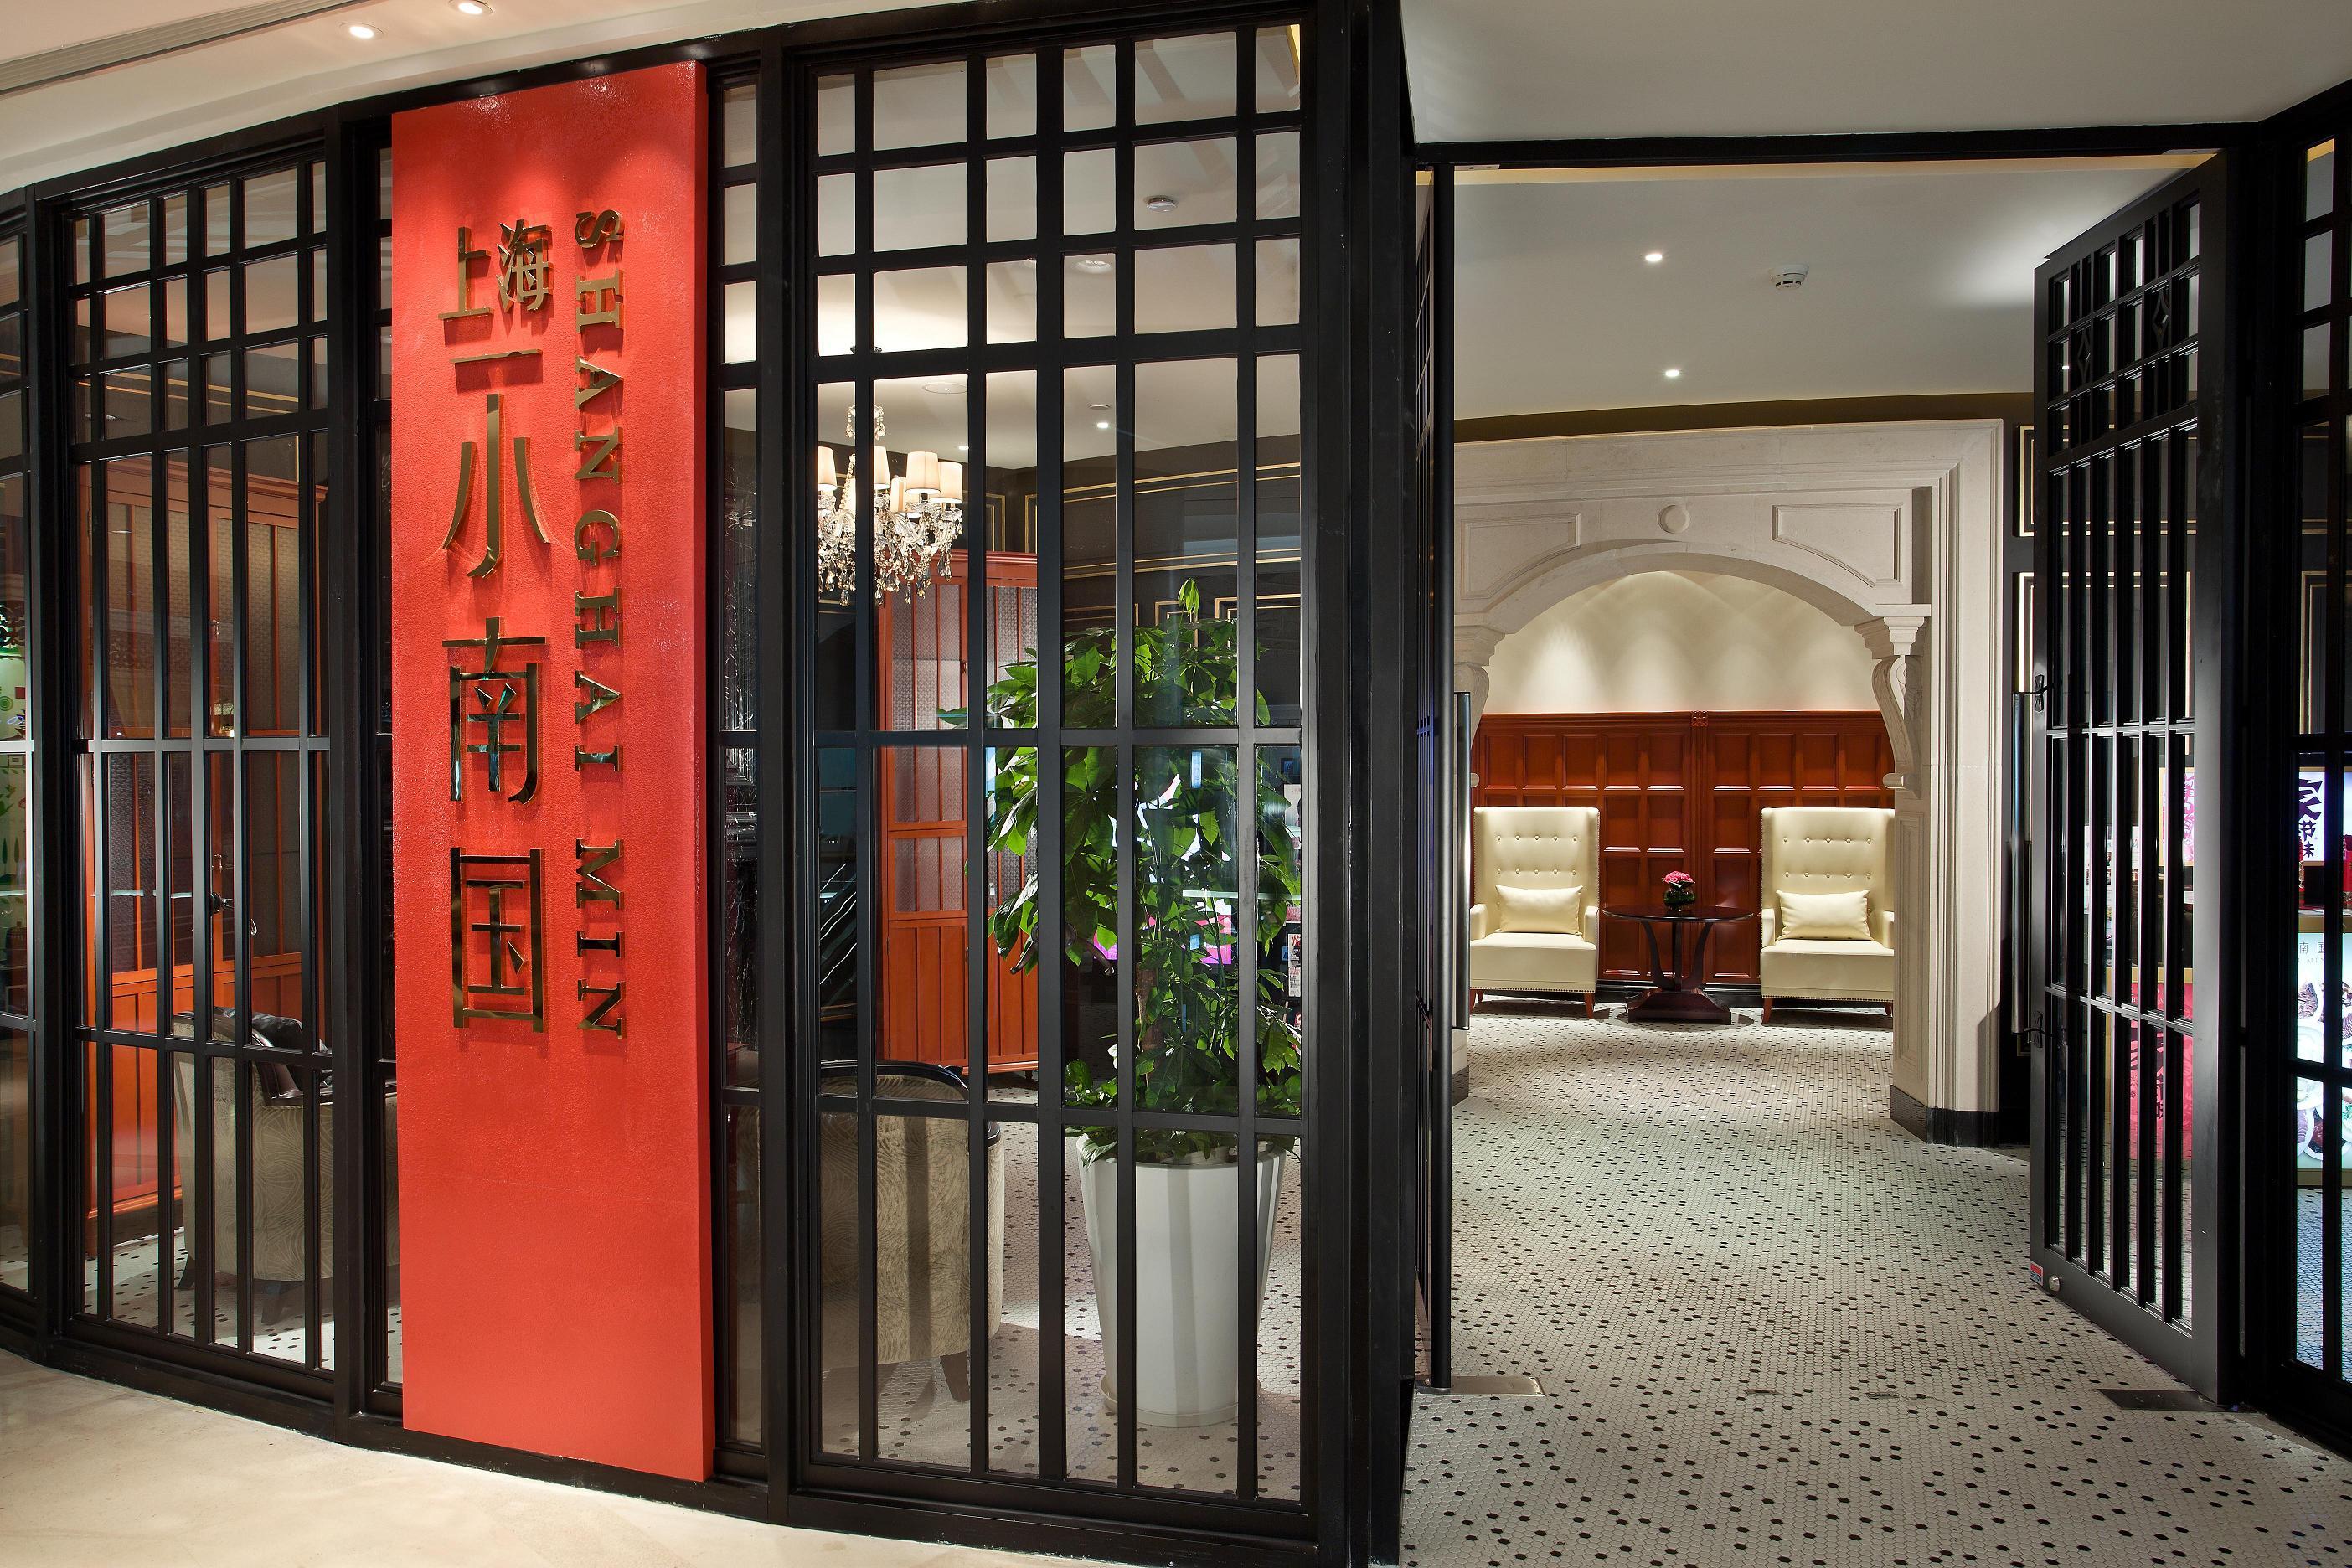 Shanghai Min [xnggroup.com]